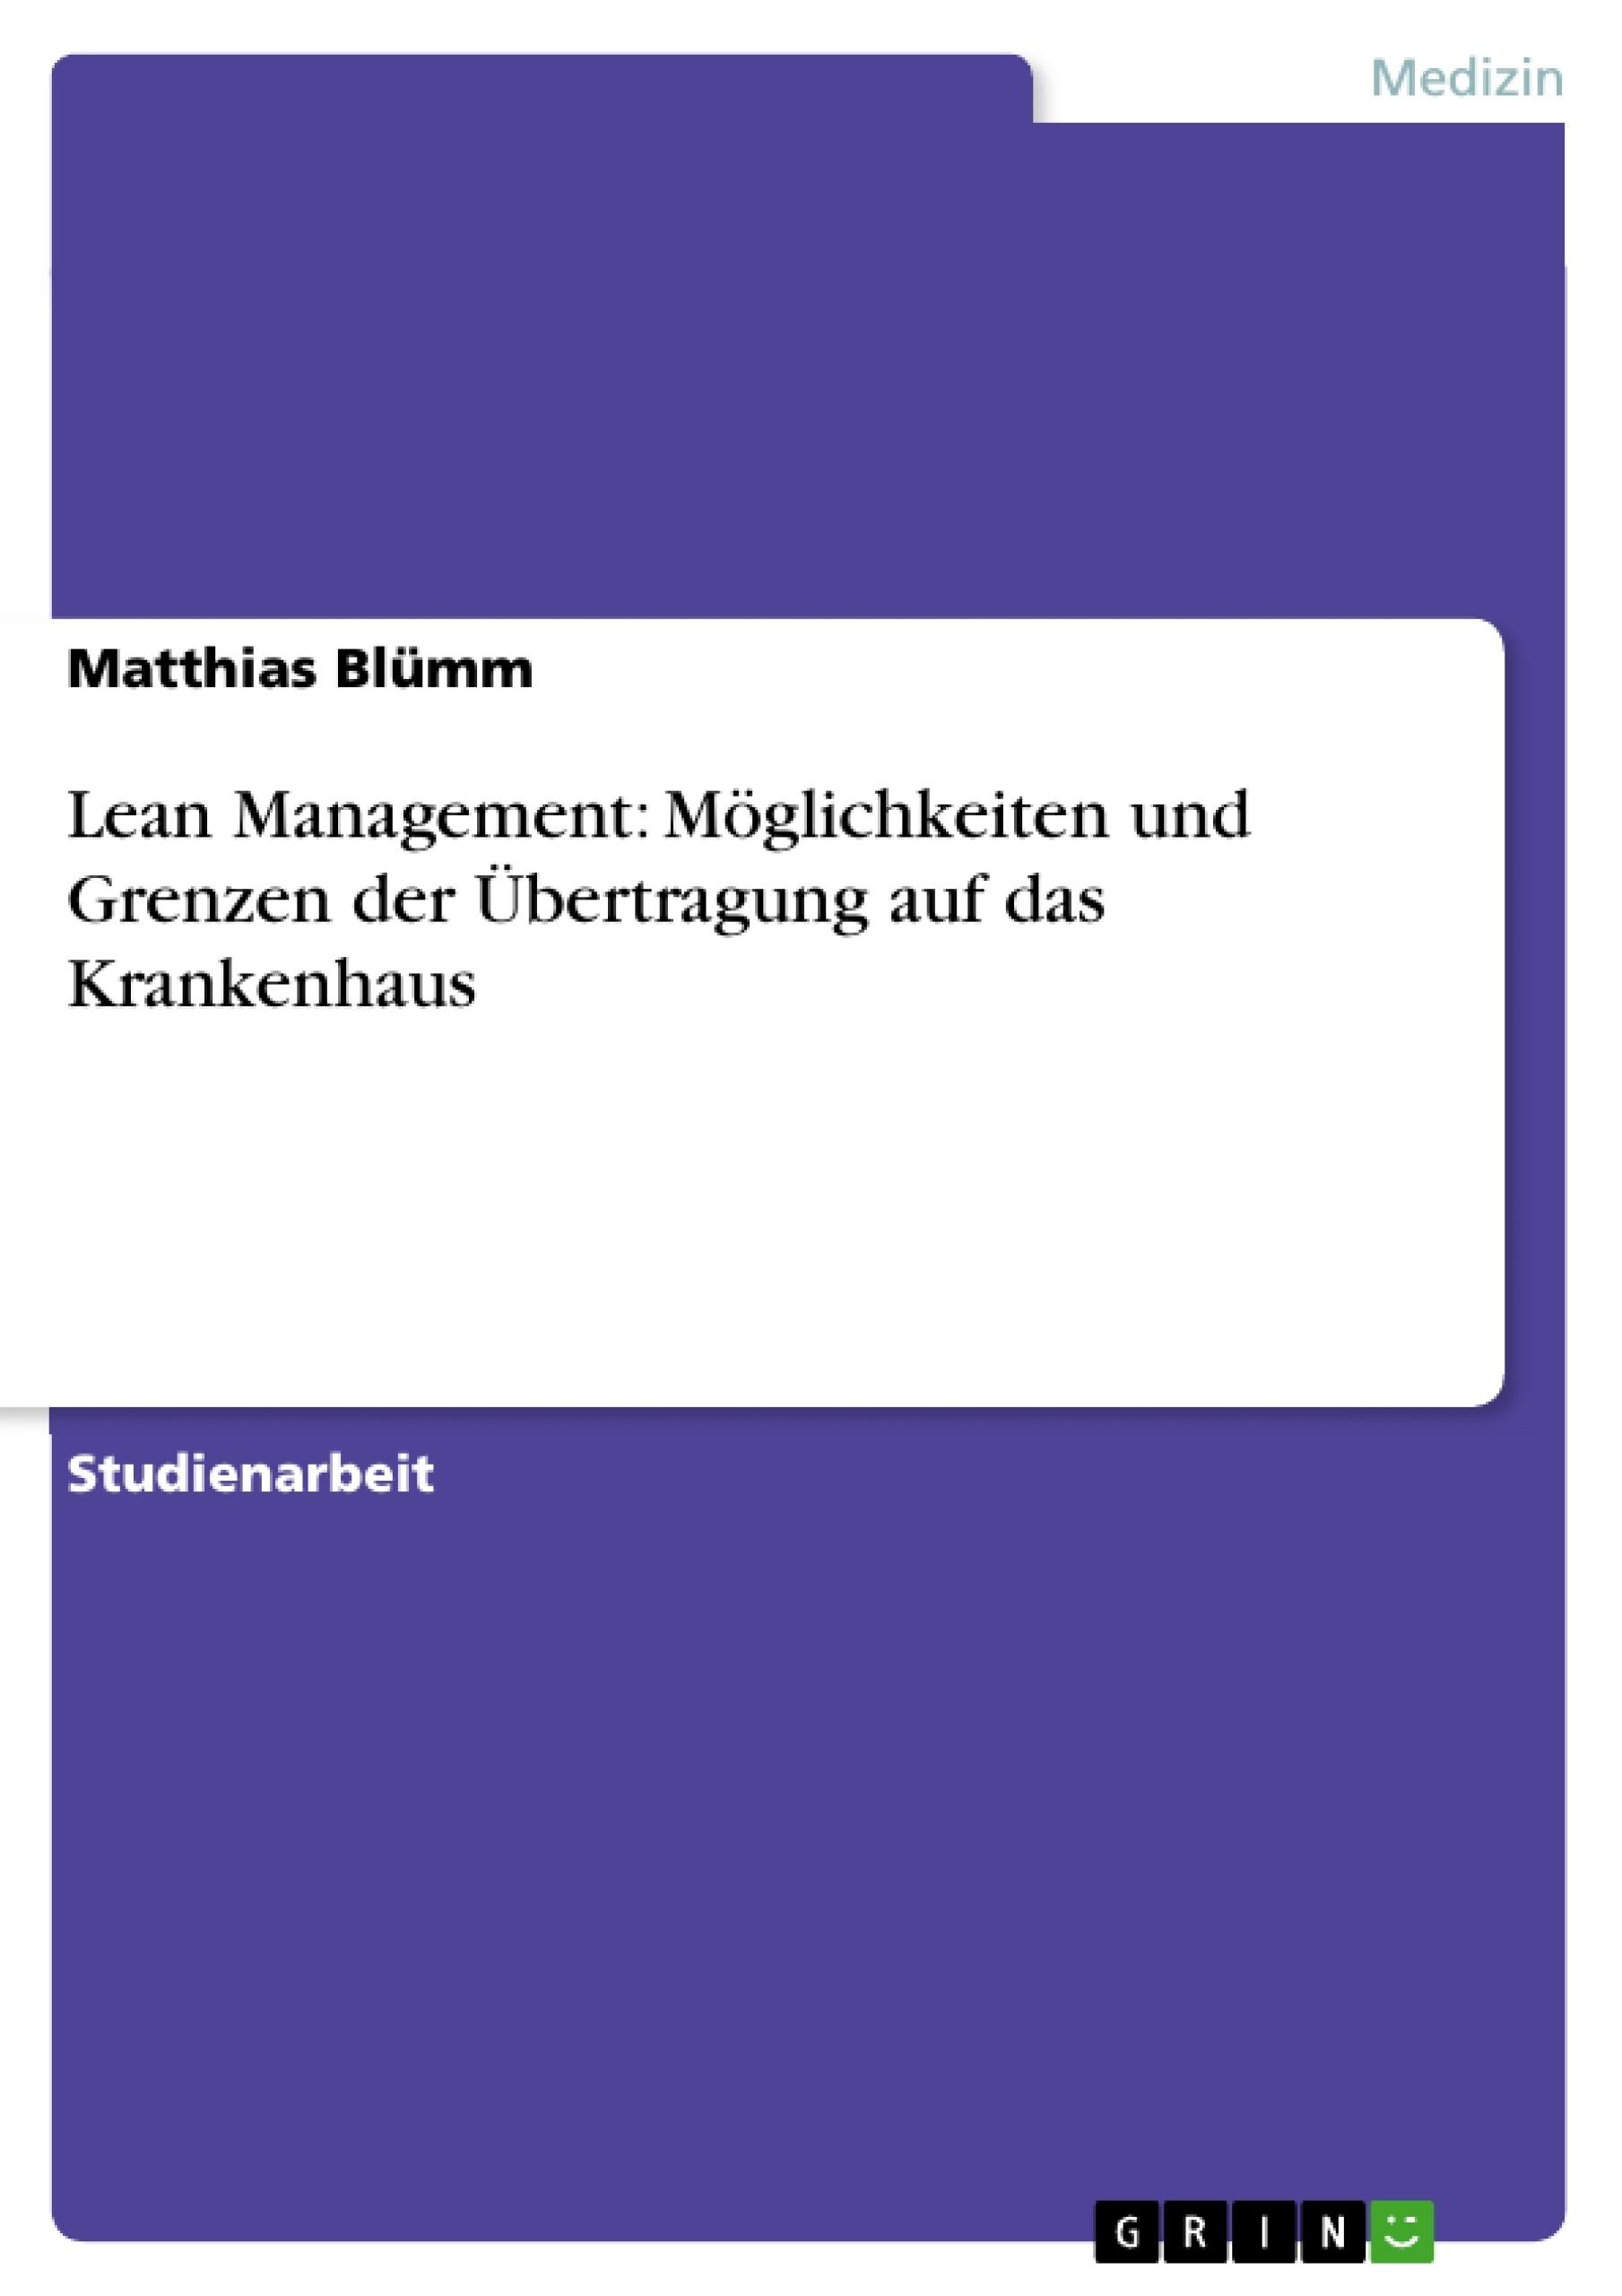 Titel: Lean Management: Möglichkeiten und Grenzen der Übertragung auf das Krankenhaus